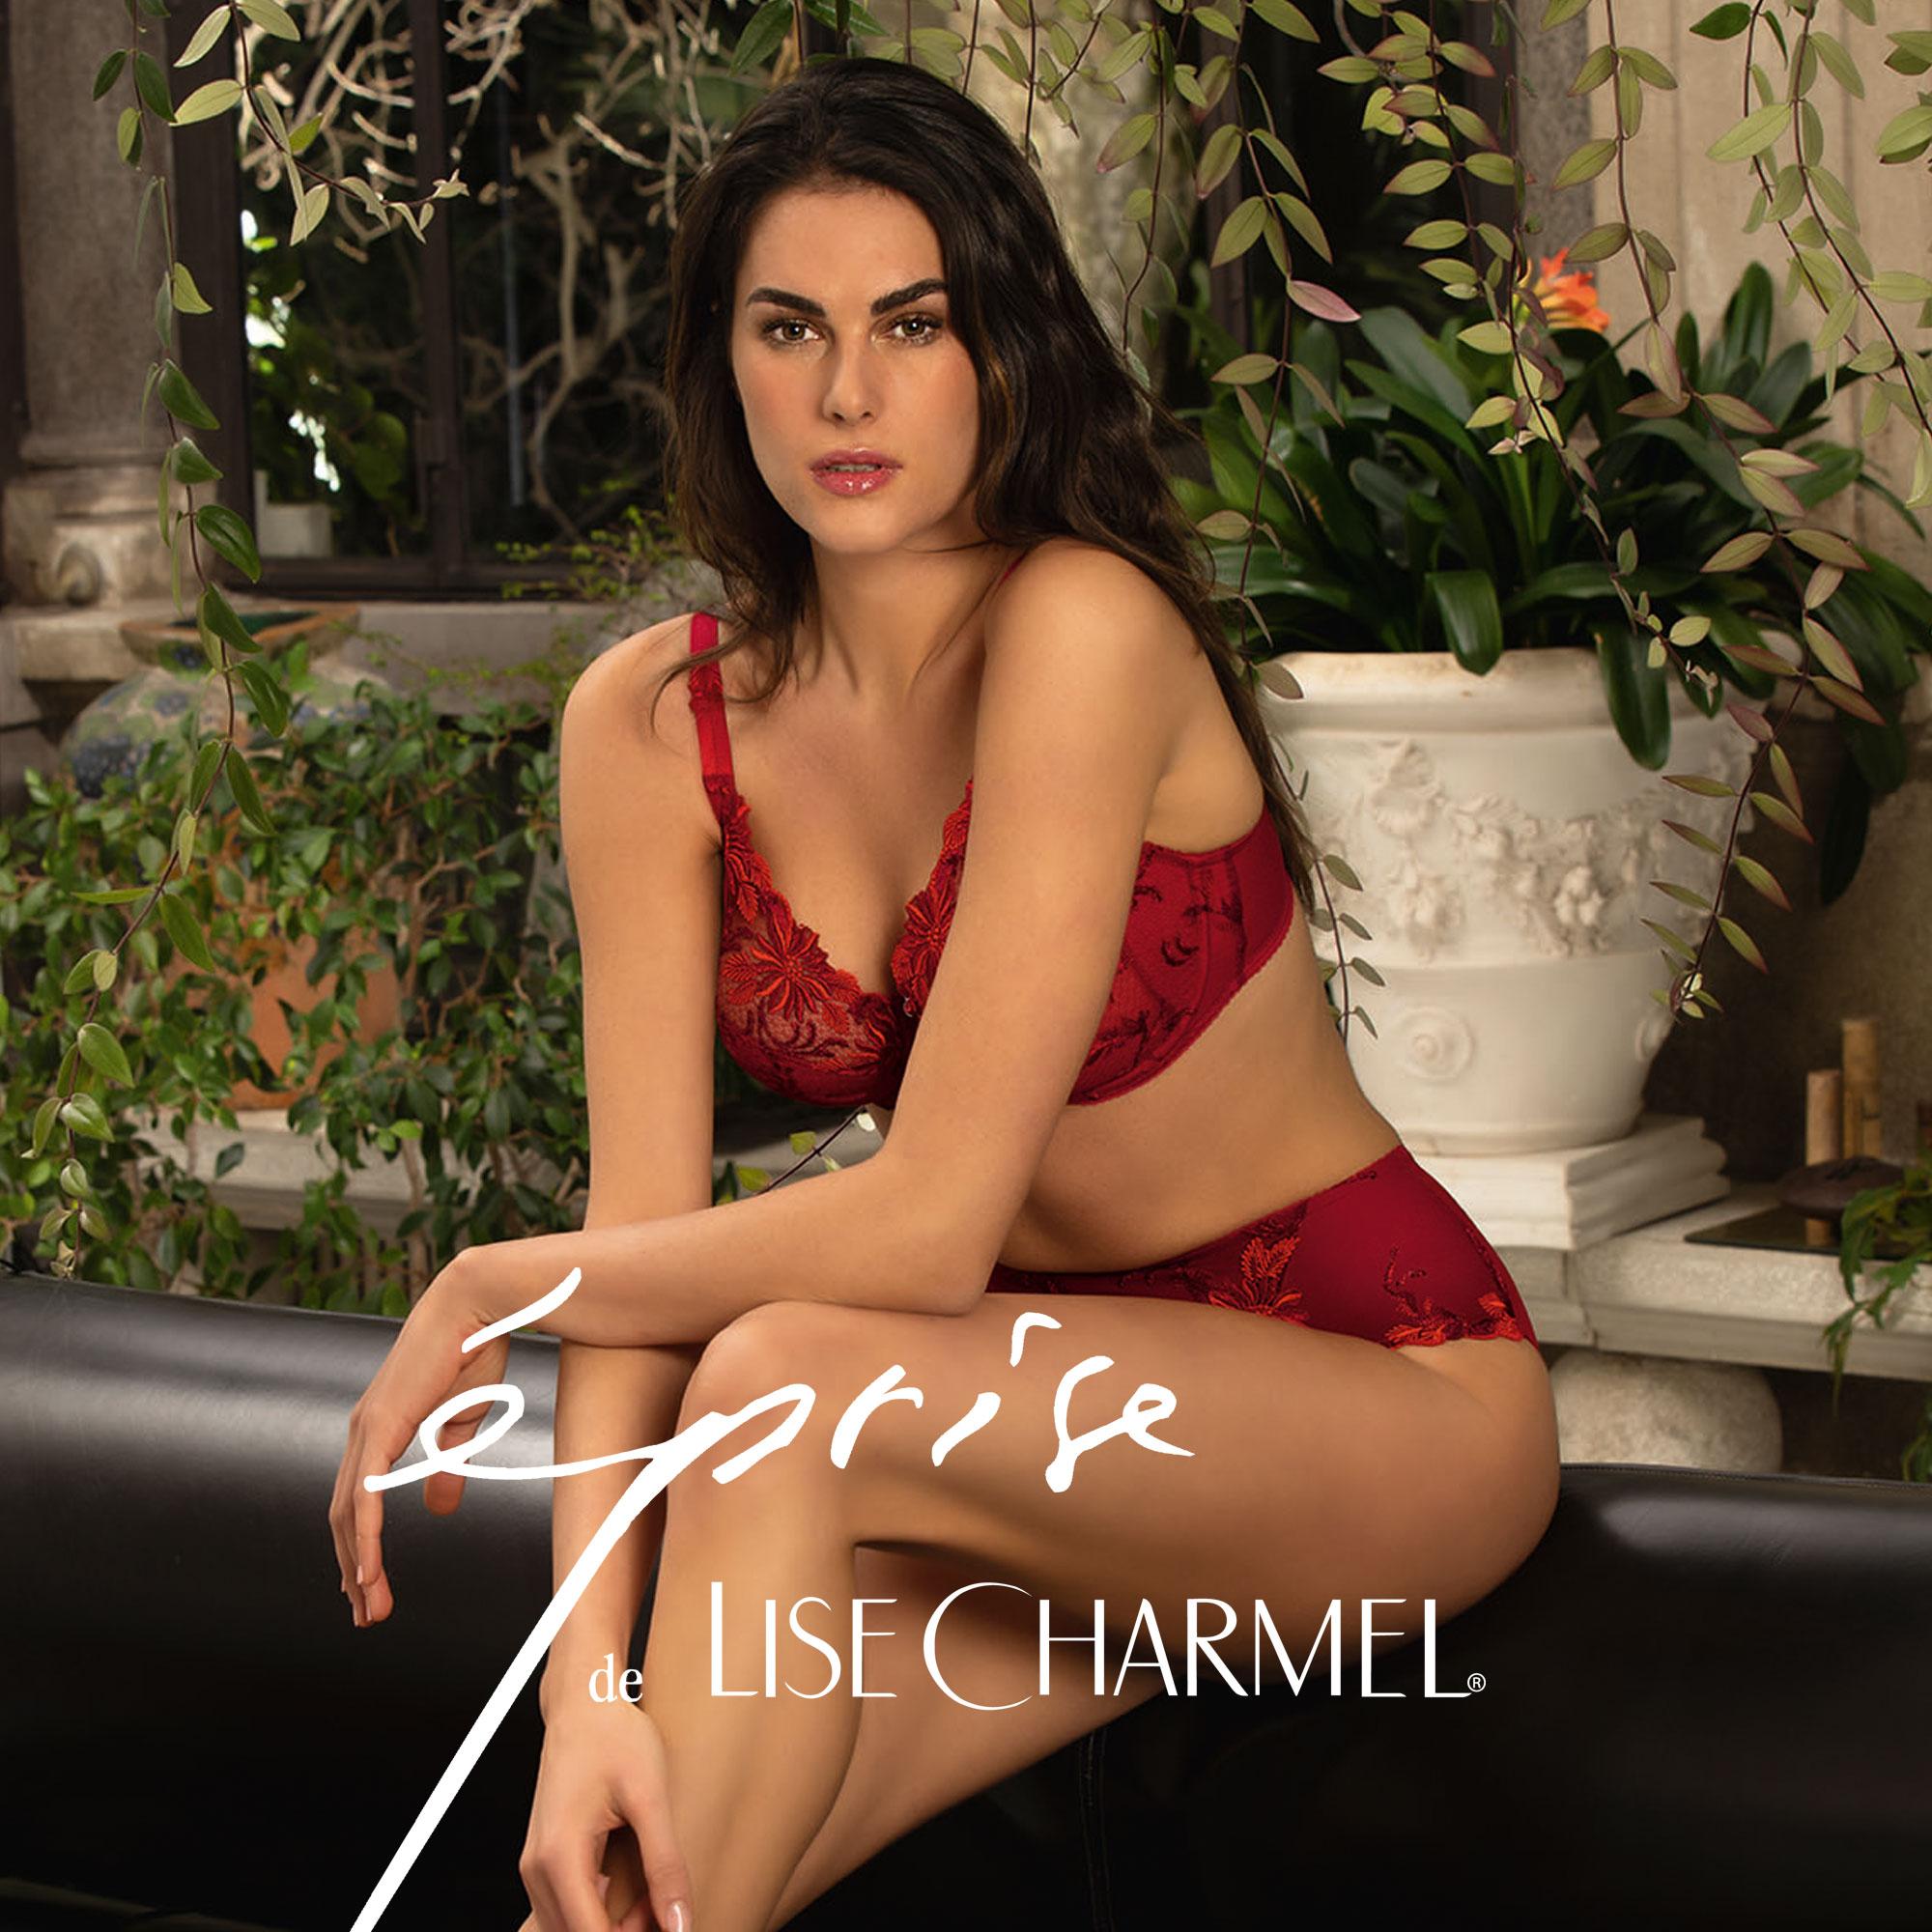 Lise Charmel Eprise